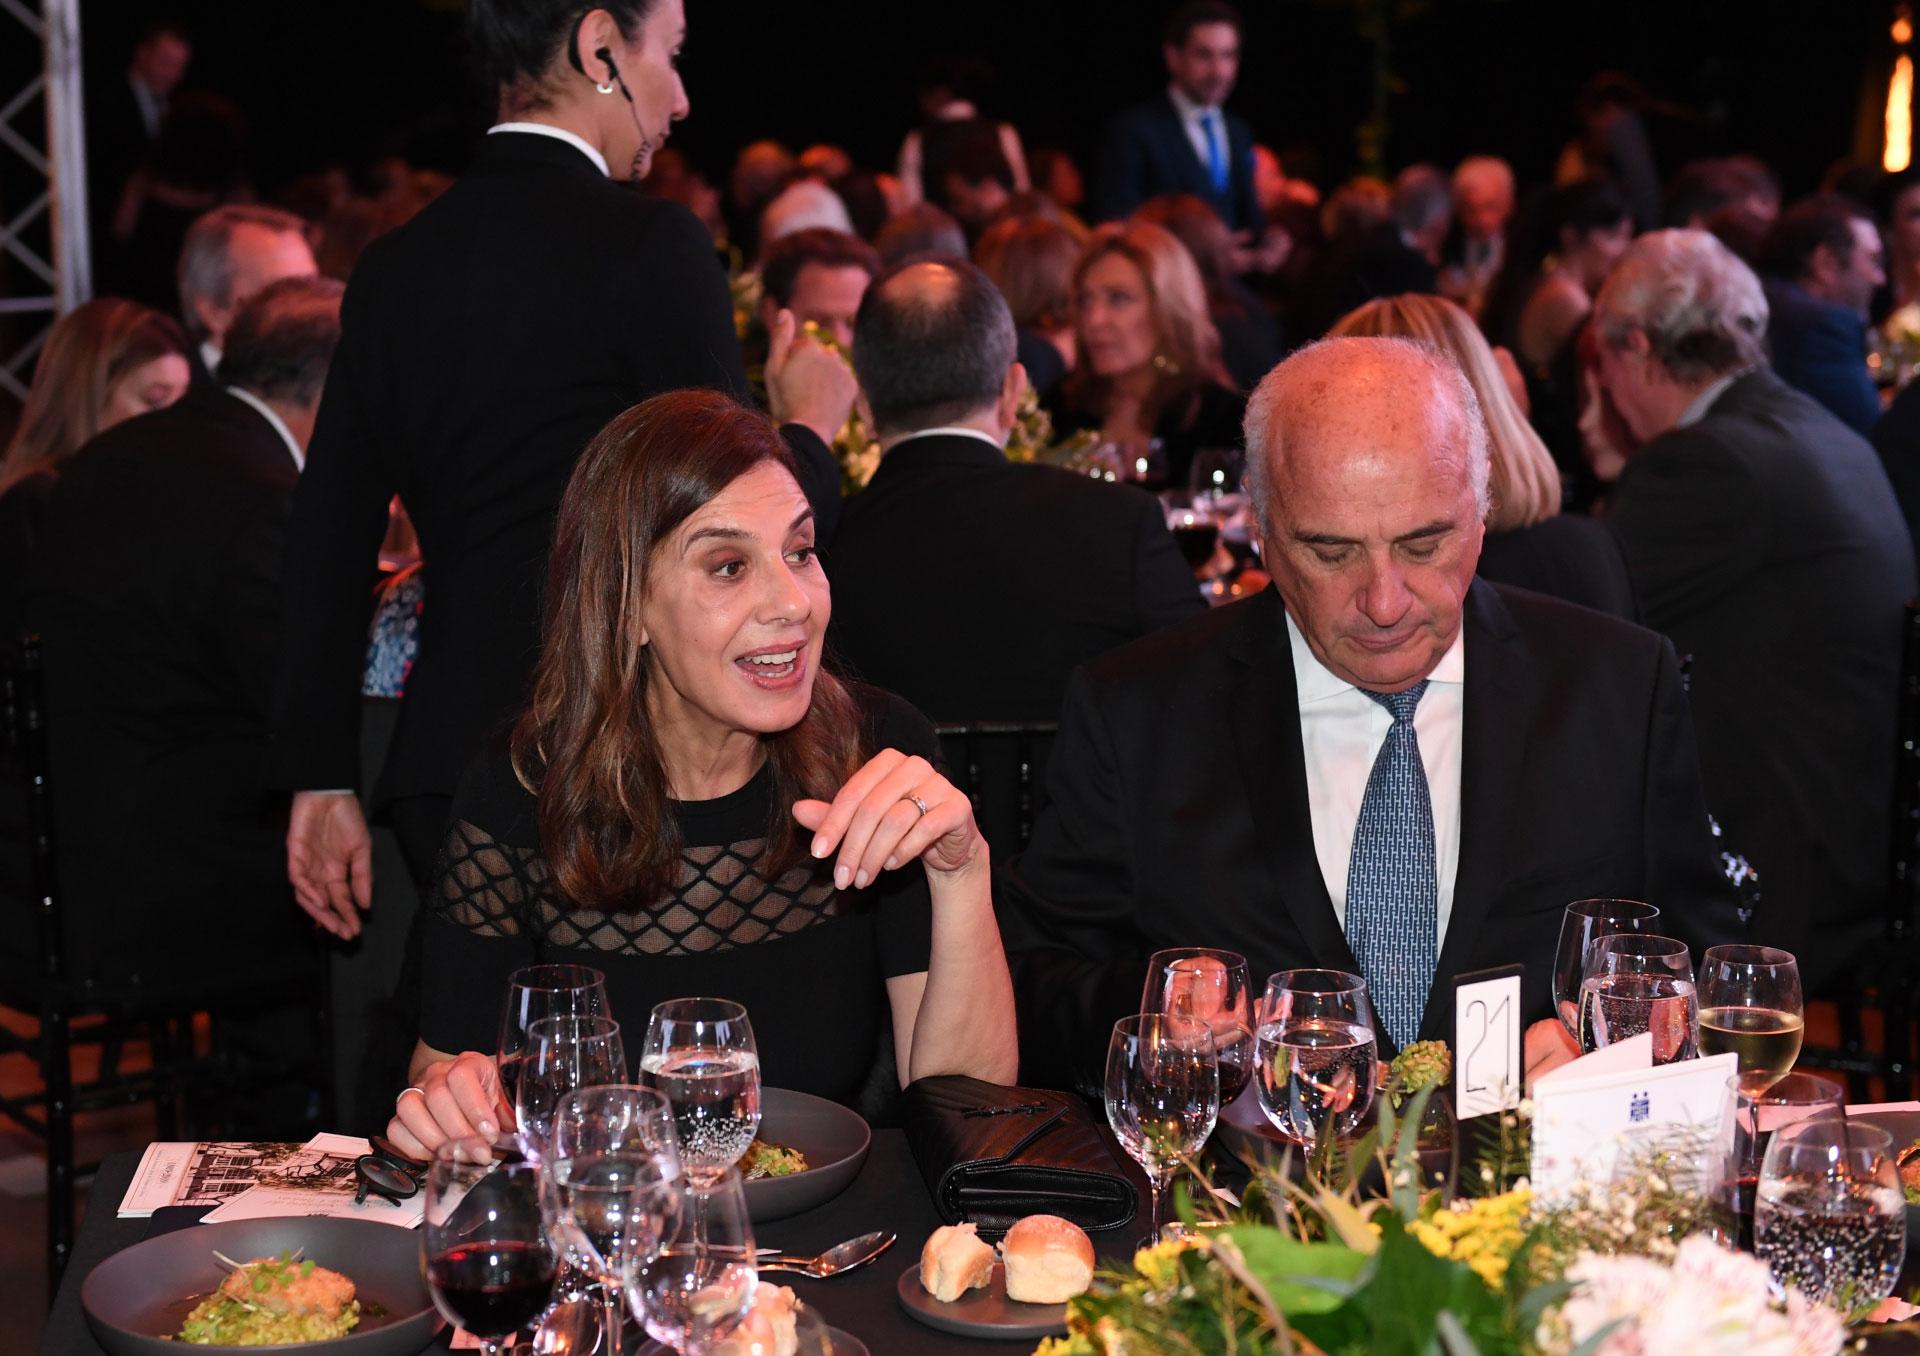 Zoraida Awada, una de las hermanas de la Primera Dama, y Alberto Rossi